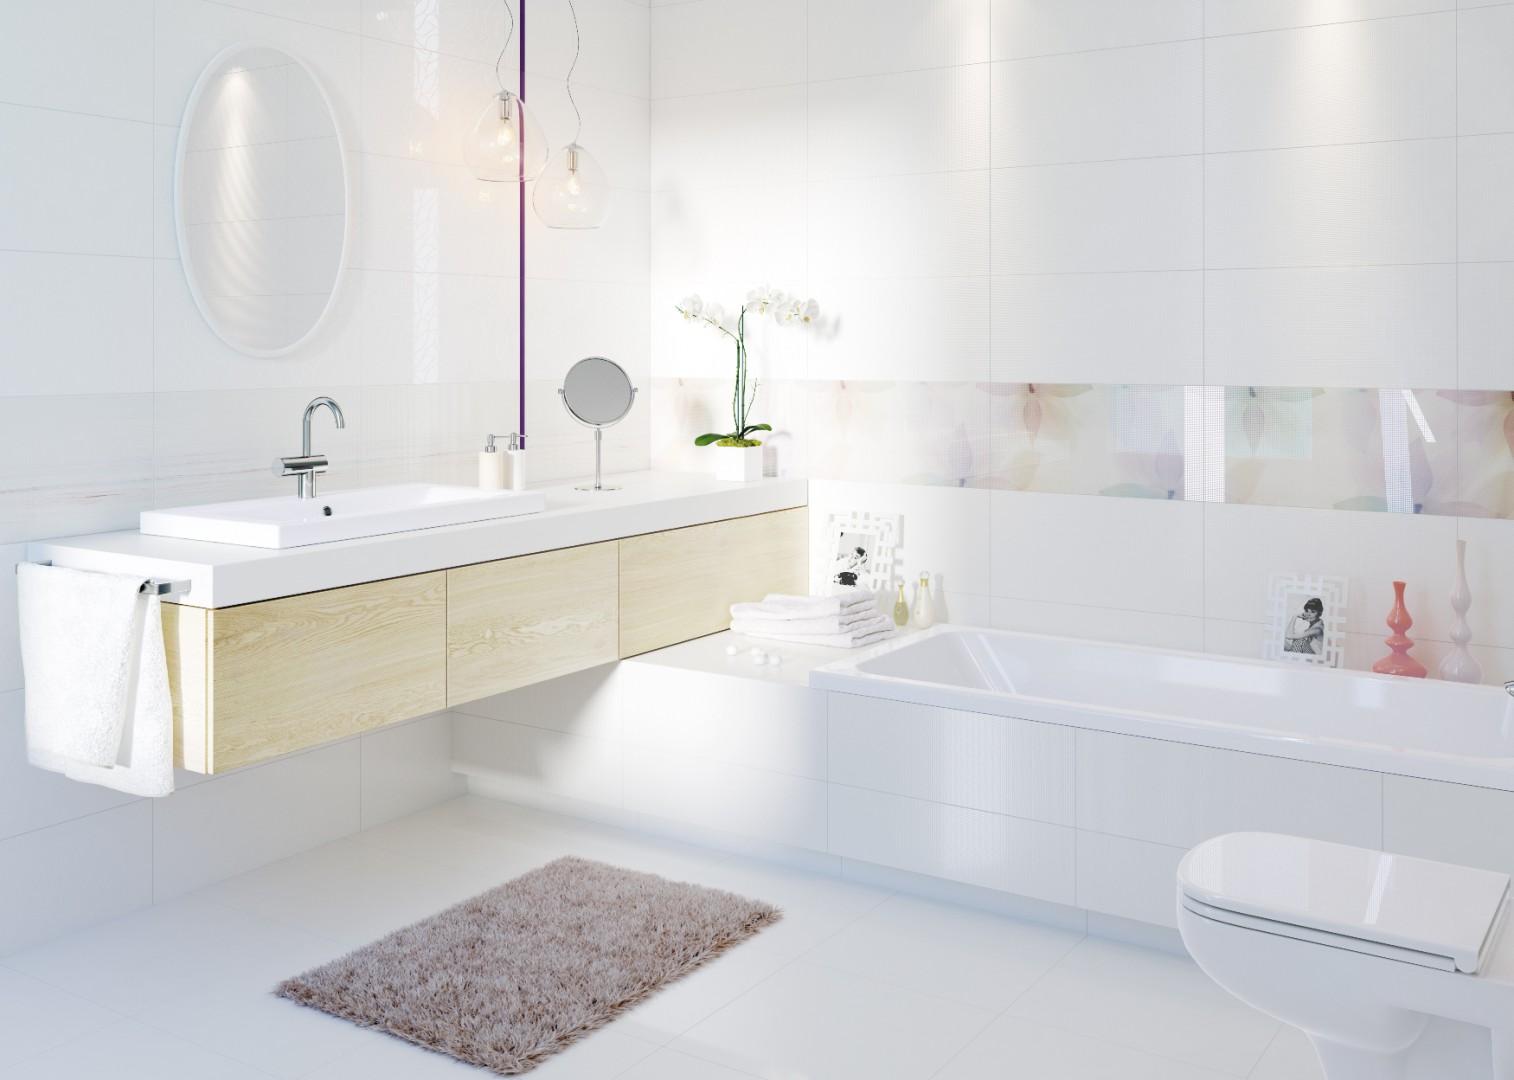 Kolekcja mebli łazienkowych Tuka firmy Cersanit. Fot. Cersanit